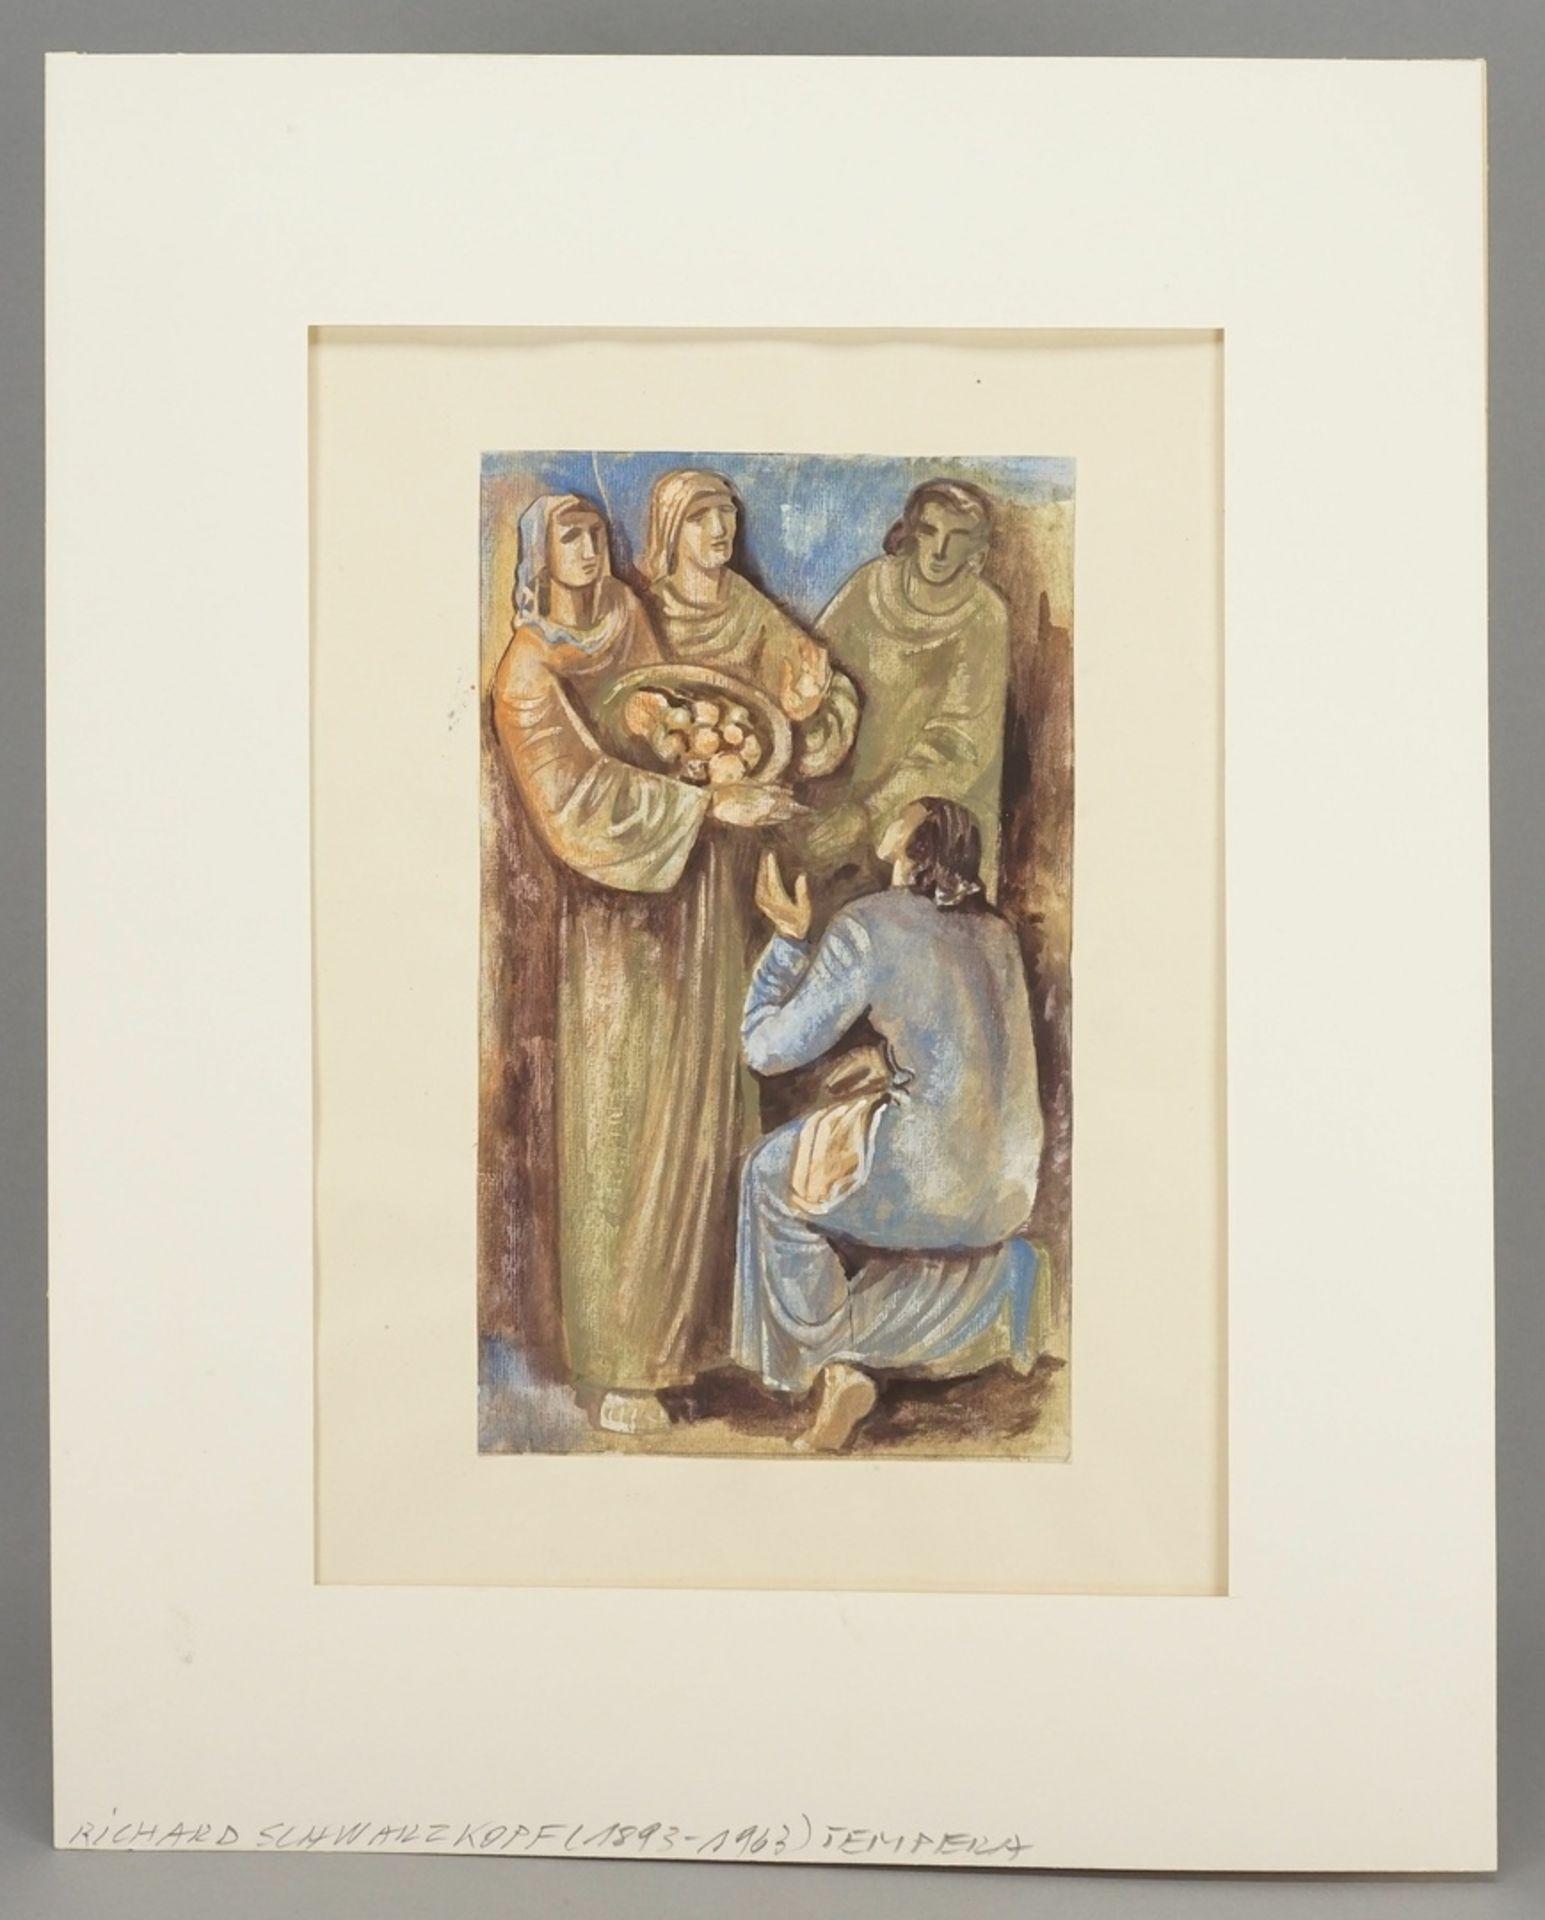 Richard Schwarzkopf, Speisung der Armen ( ) - Bild 2 aus 4